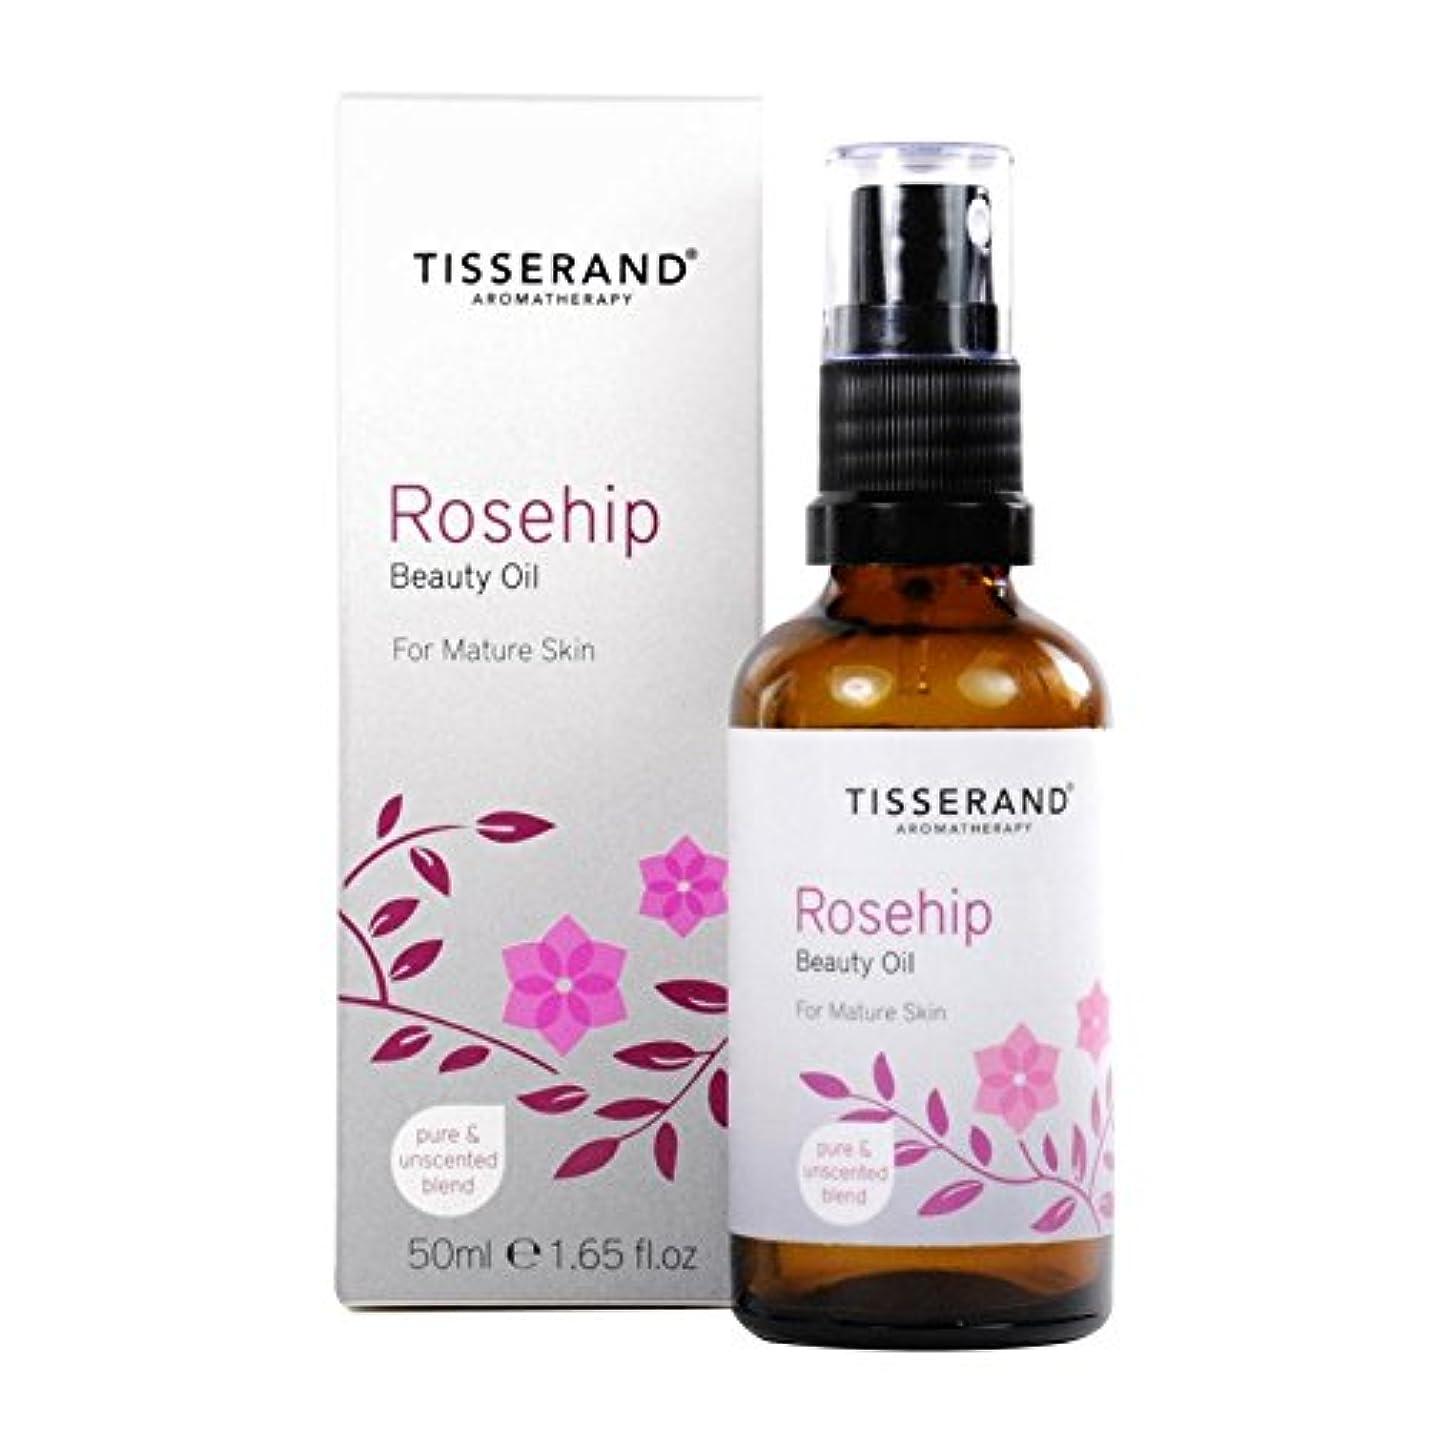 酸素エイズ上がるティスランドローズヒップ美容オイル50ミリリットル x2 - Tisserand Rosehip Beauty Oil 50ml (Pack of 2) [並行輸入品]